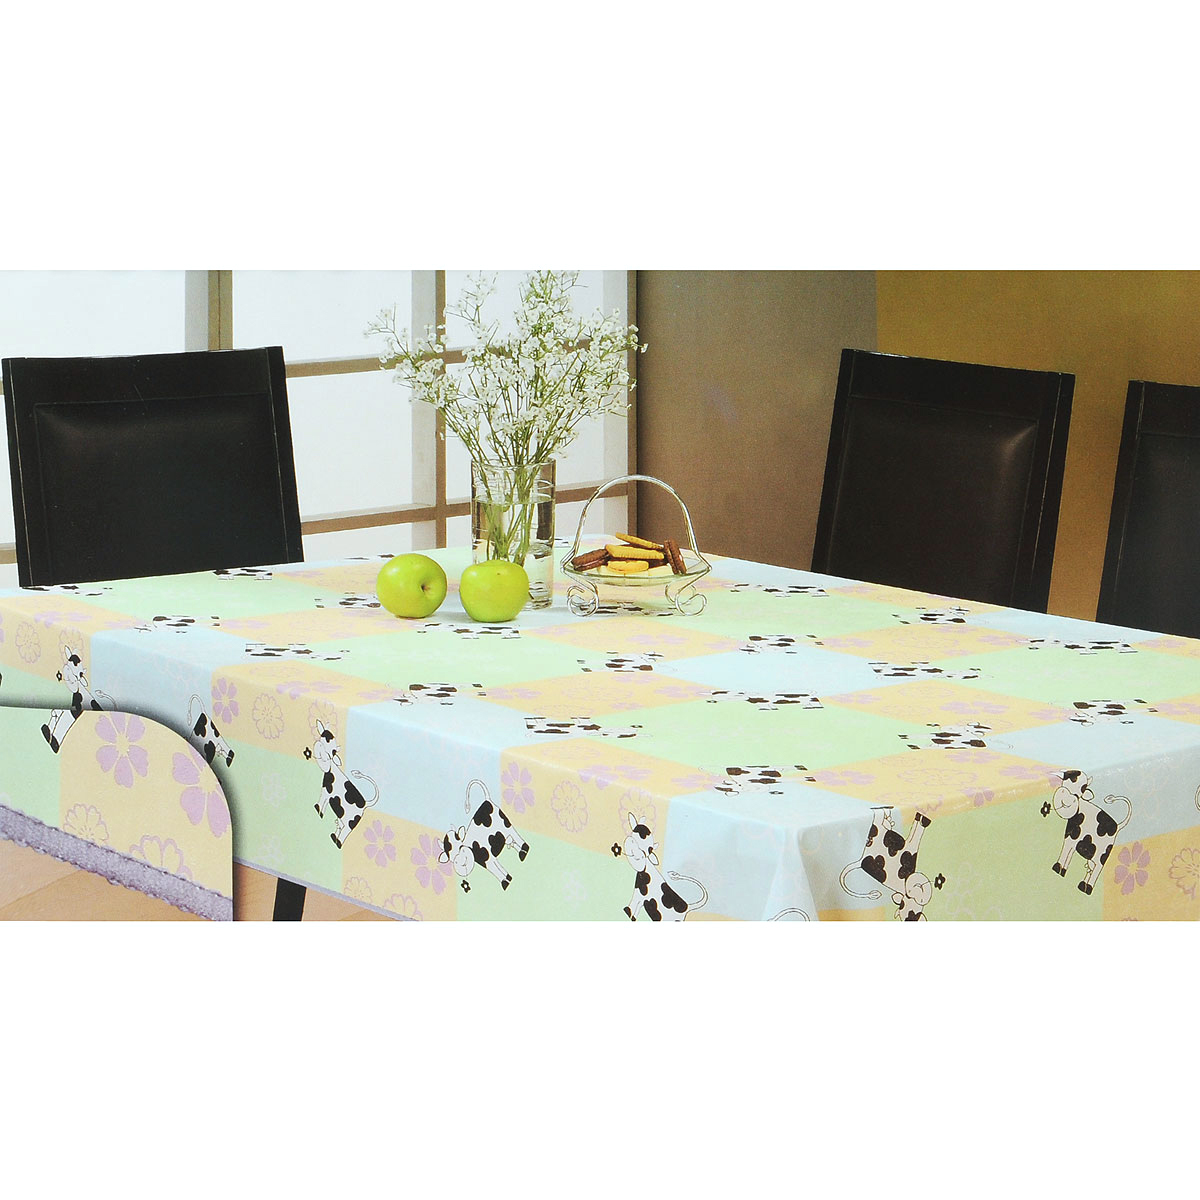 Скатерть White Fox Буренка, квадратная, цвет: голубой, светло-зеленый, 152  x 152 см скатерти white fox скатерть party standart пвх с основой из флиса 152 228 см